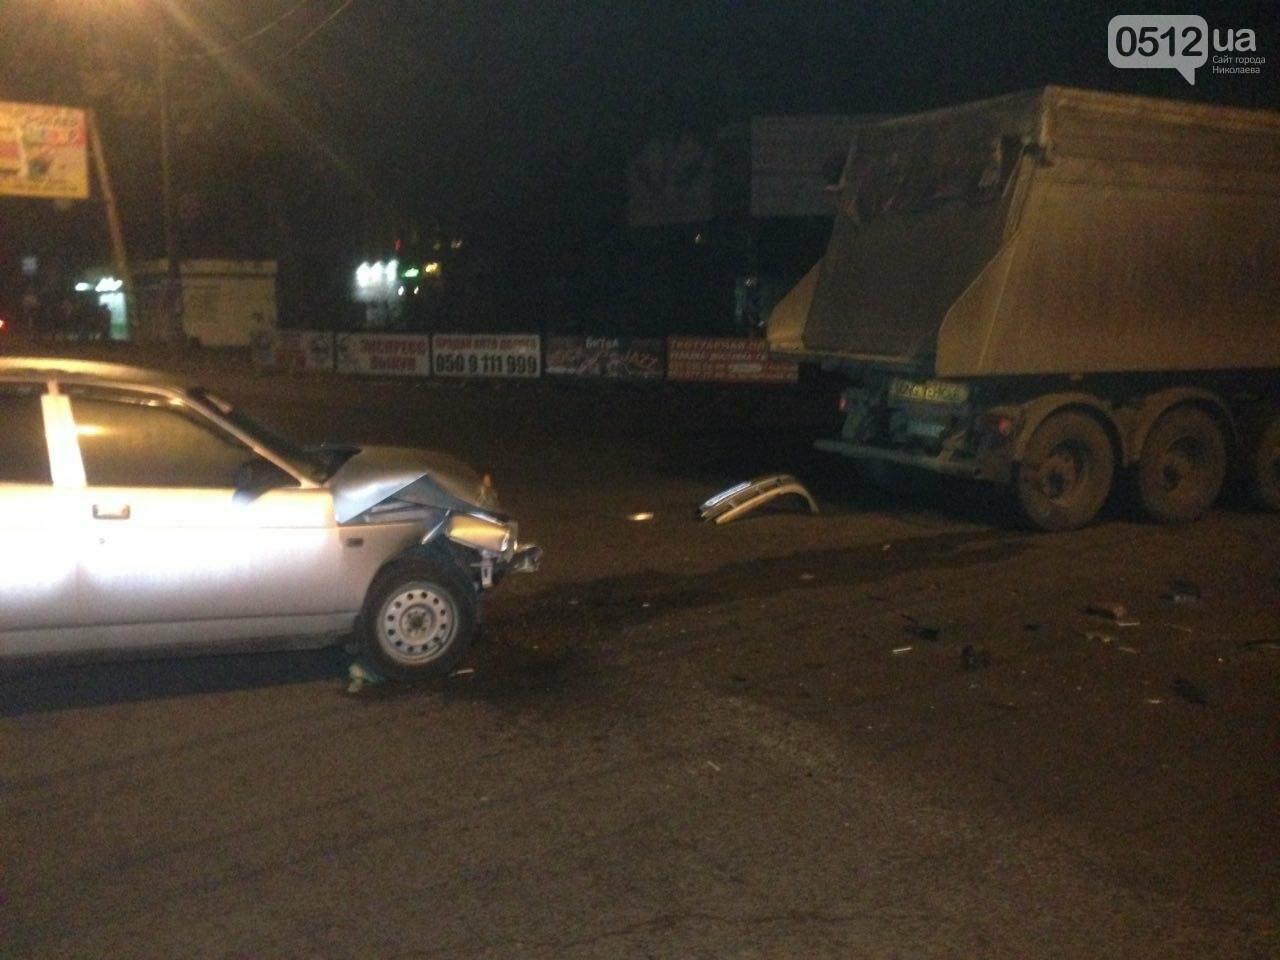 Очередное ДТП в Николаеве:  грузовик не разминулся с автомобилем ВАЗ 2110 (ФОТО), фото-2